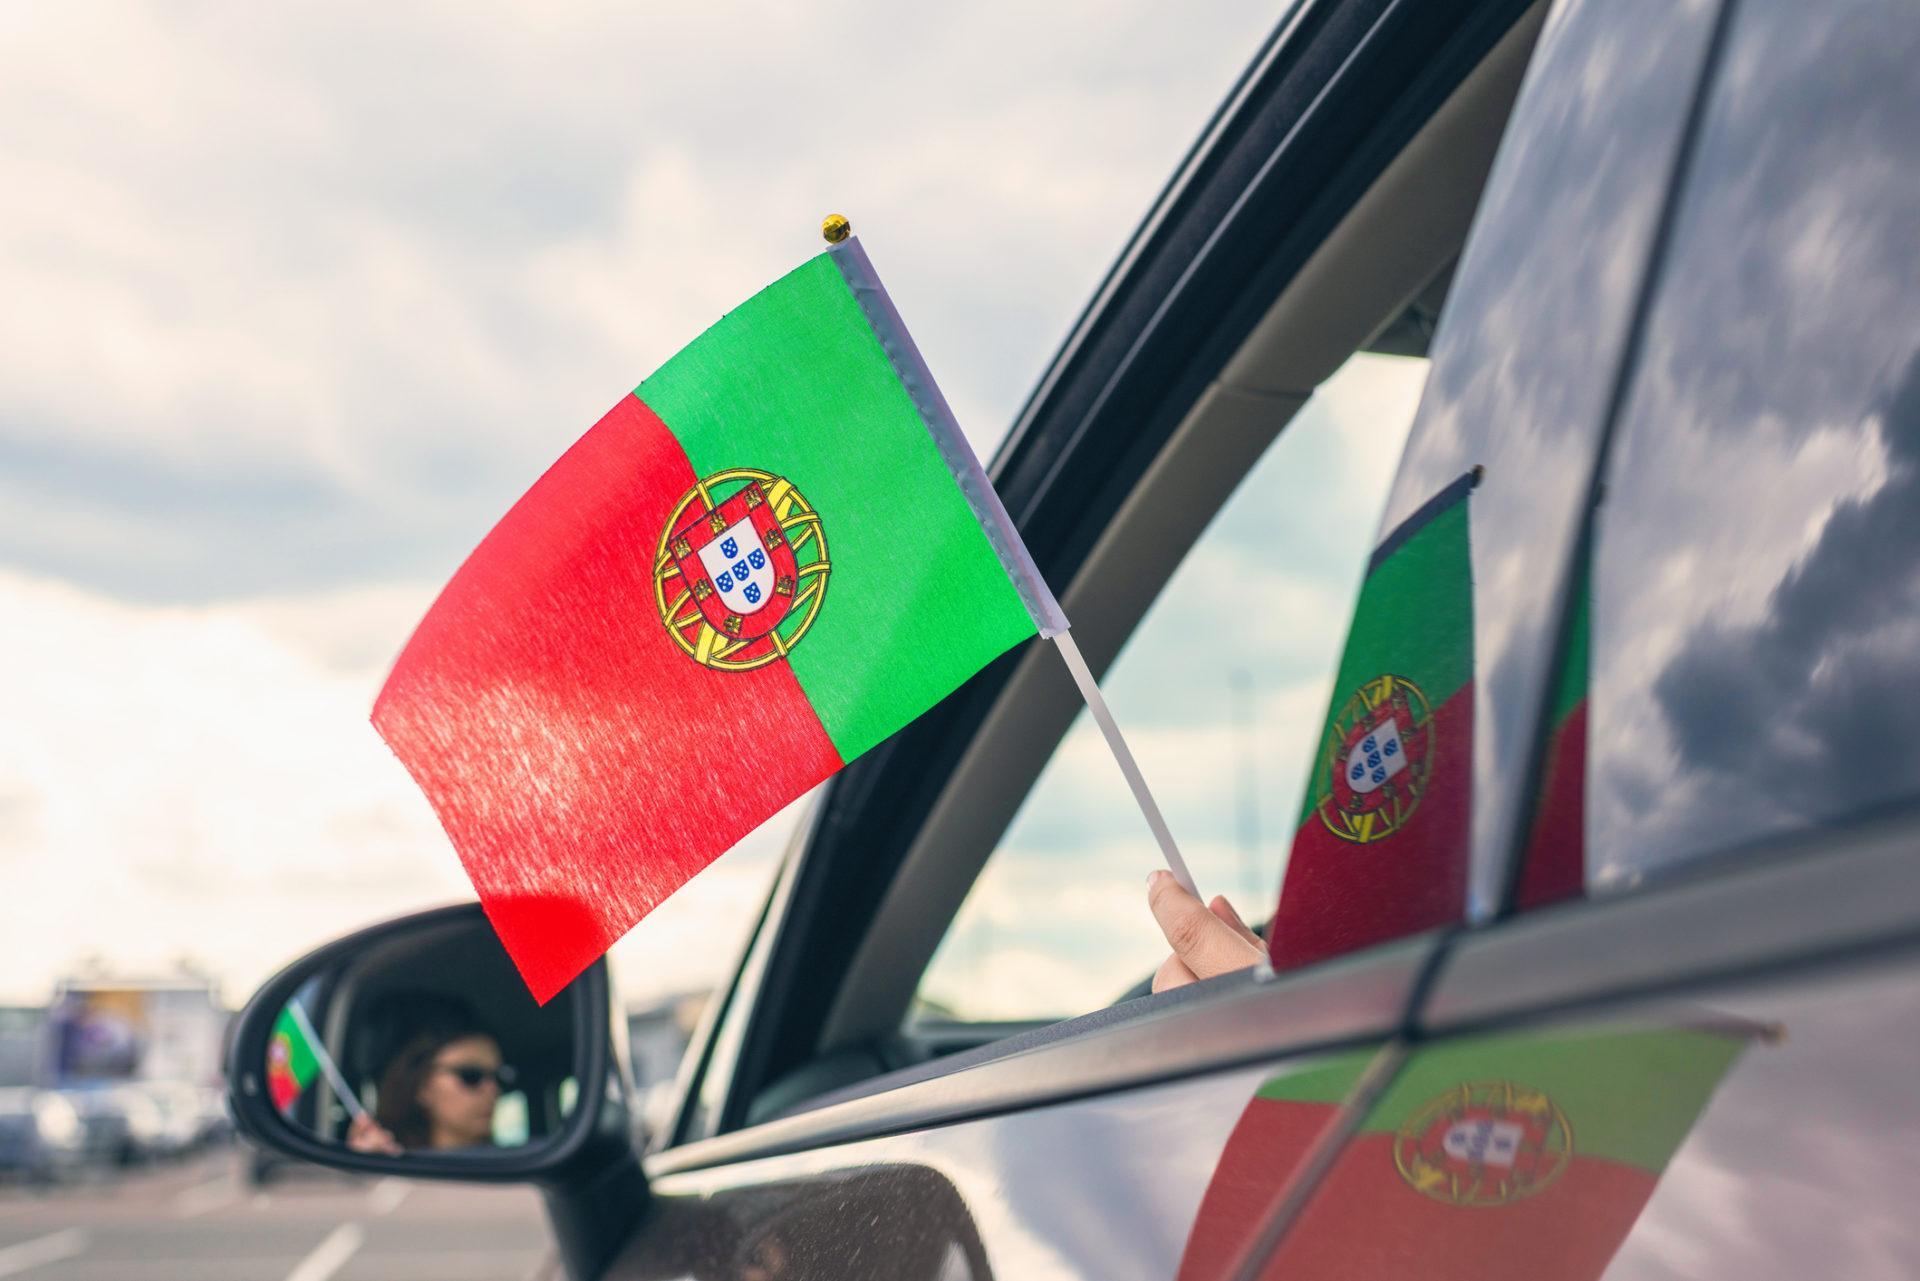 רישיון נהיגה בפורטוגל